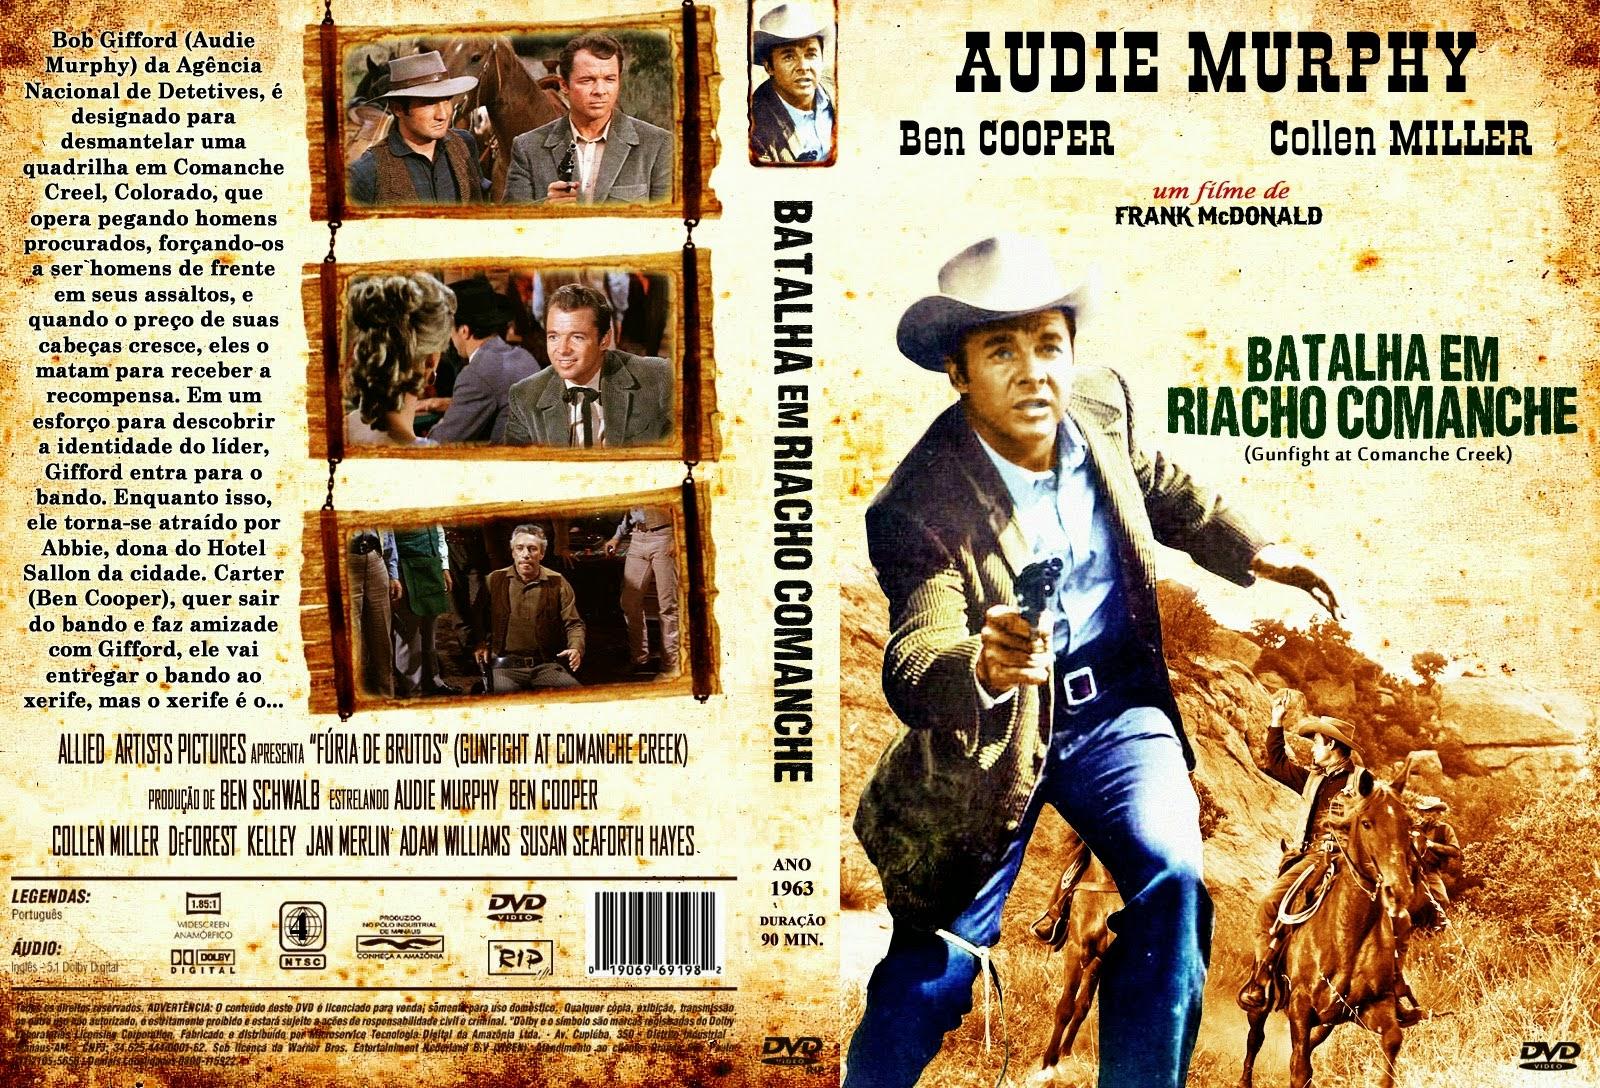 filmes de audie murphi